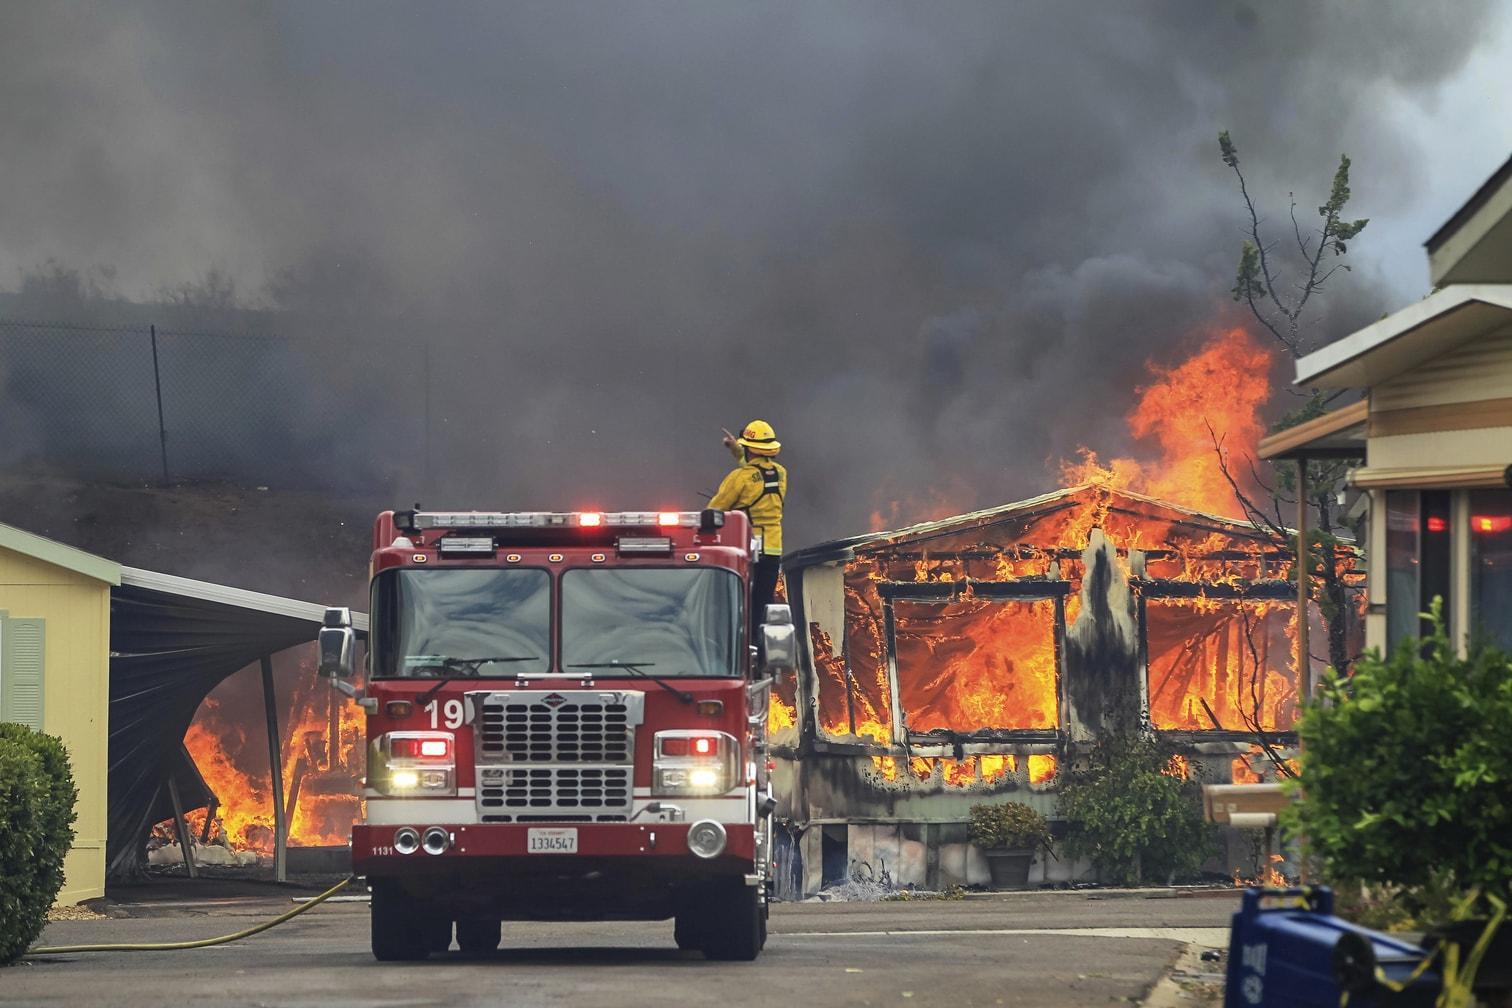 <p>Von San Diego im Süden bis fast zur Grenze von Oregon im Norden: Brände zerstören in Kalifornien viele Quadratkilometer Wald und zahlreiche Gebäude. Das größte Feuer ist zur Hälfte eingedämmt.</p> Foto: dpa